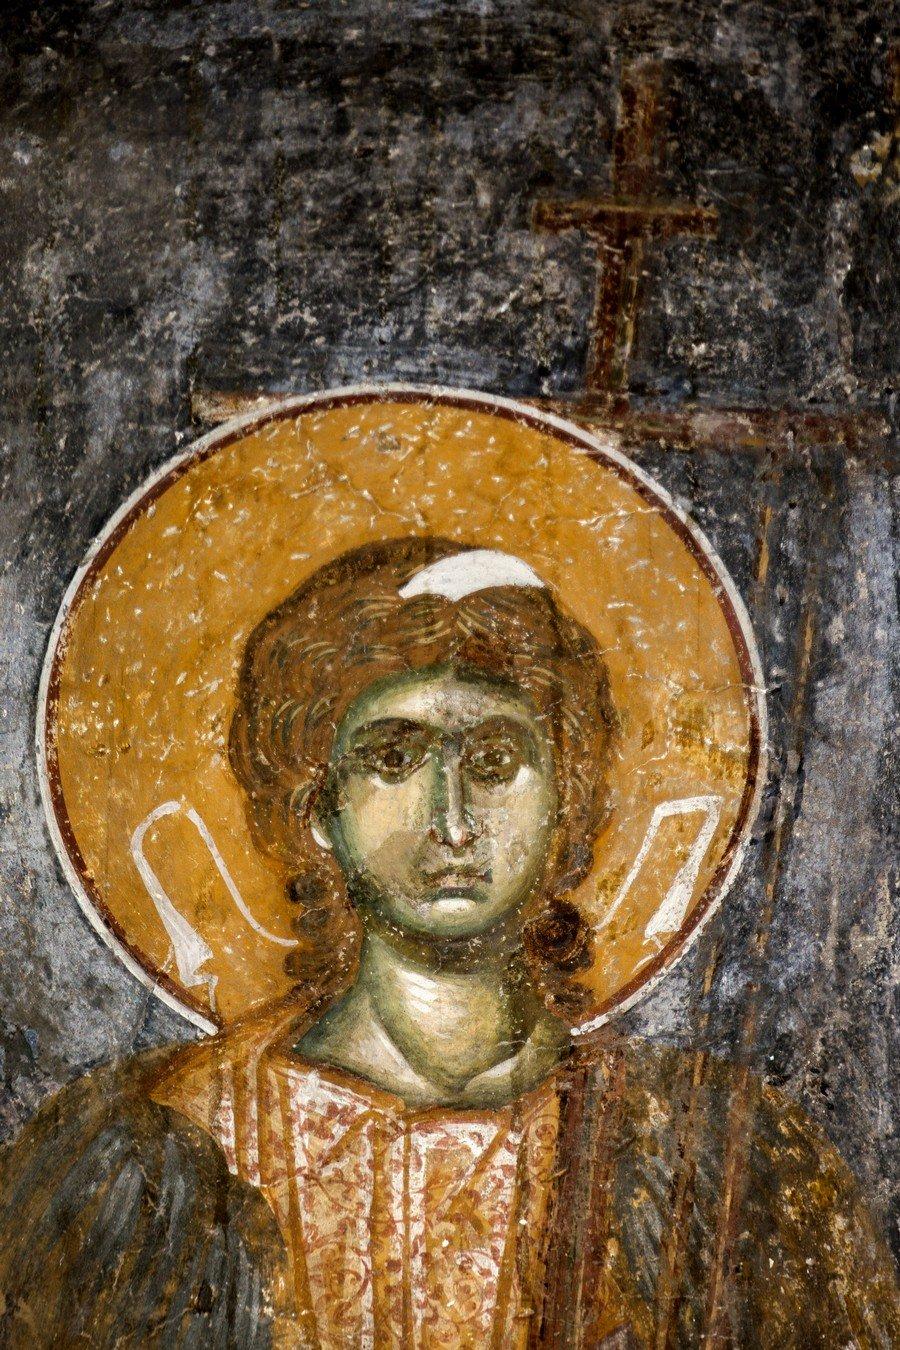 """Ангел Господень. Фреска церкви Вознесения Господня (""""Спасов дом"""") в монастыре Жича, Сербия. 1309 - 1316 годы."""